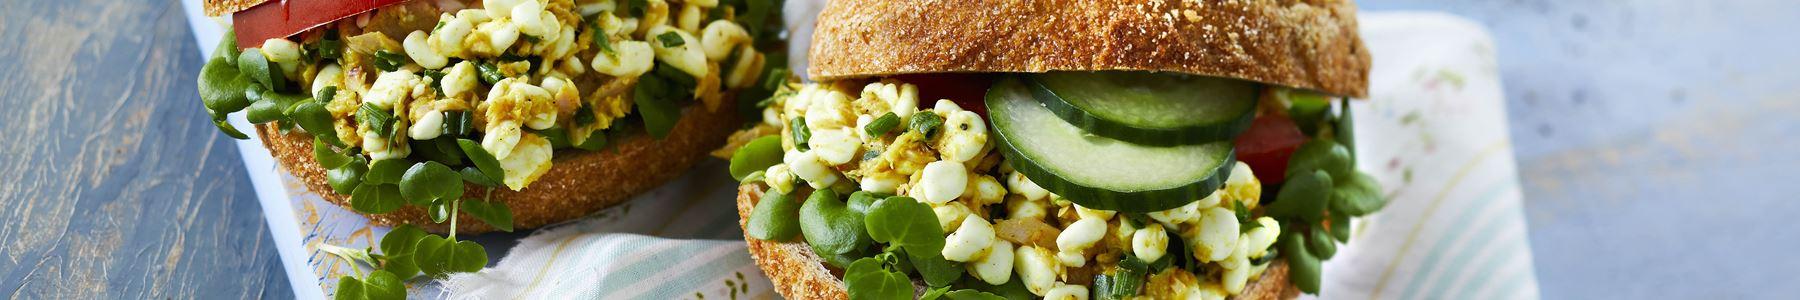 Tun + Sandwich